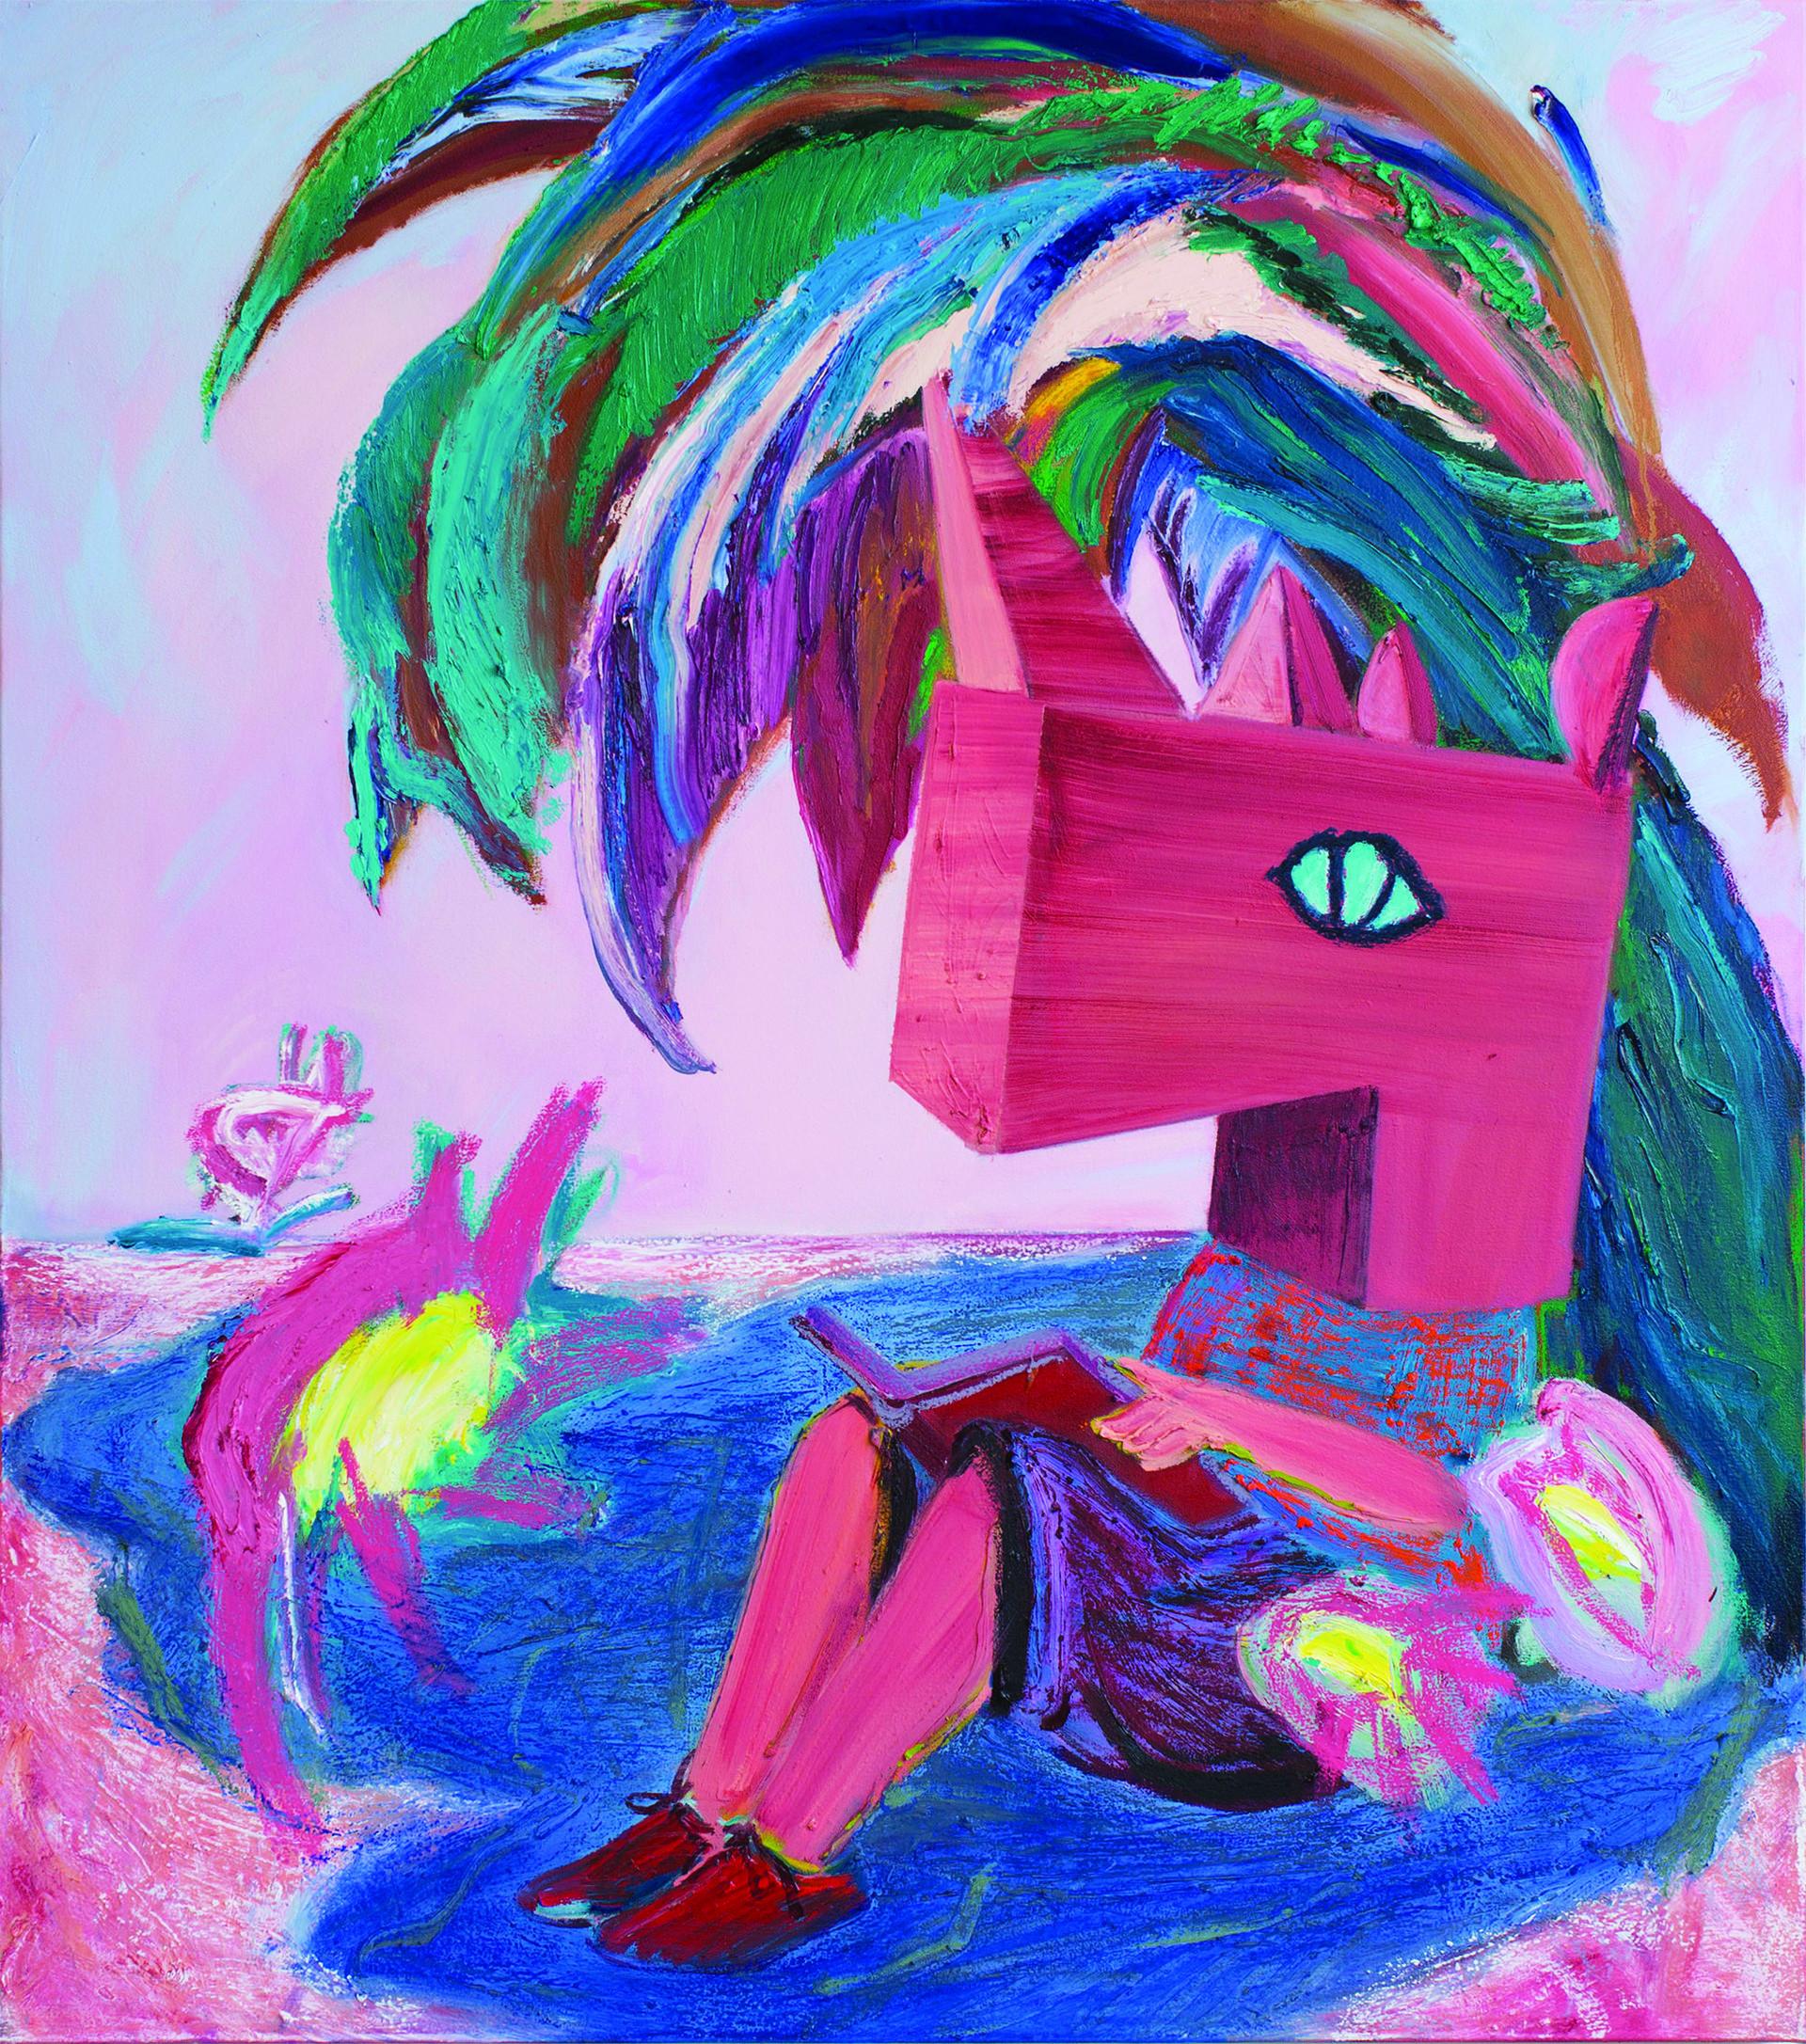 Candyfloss, Oil and acrylic on canvas, 120x100cm, 2021